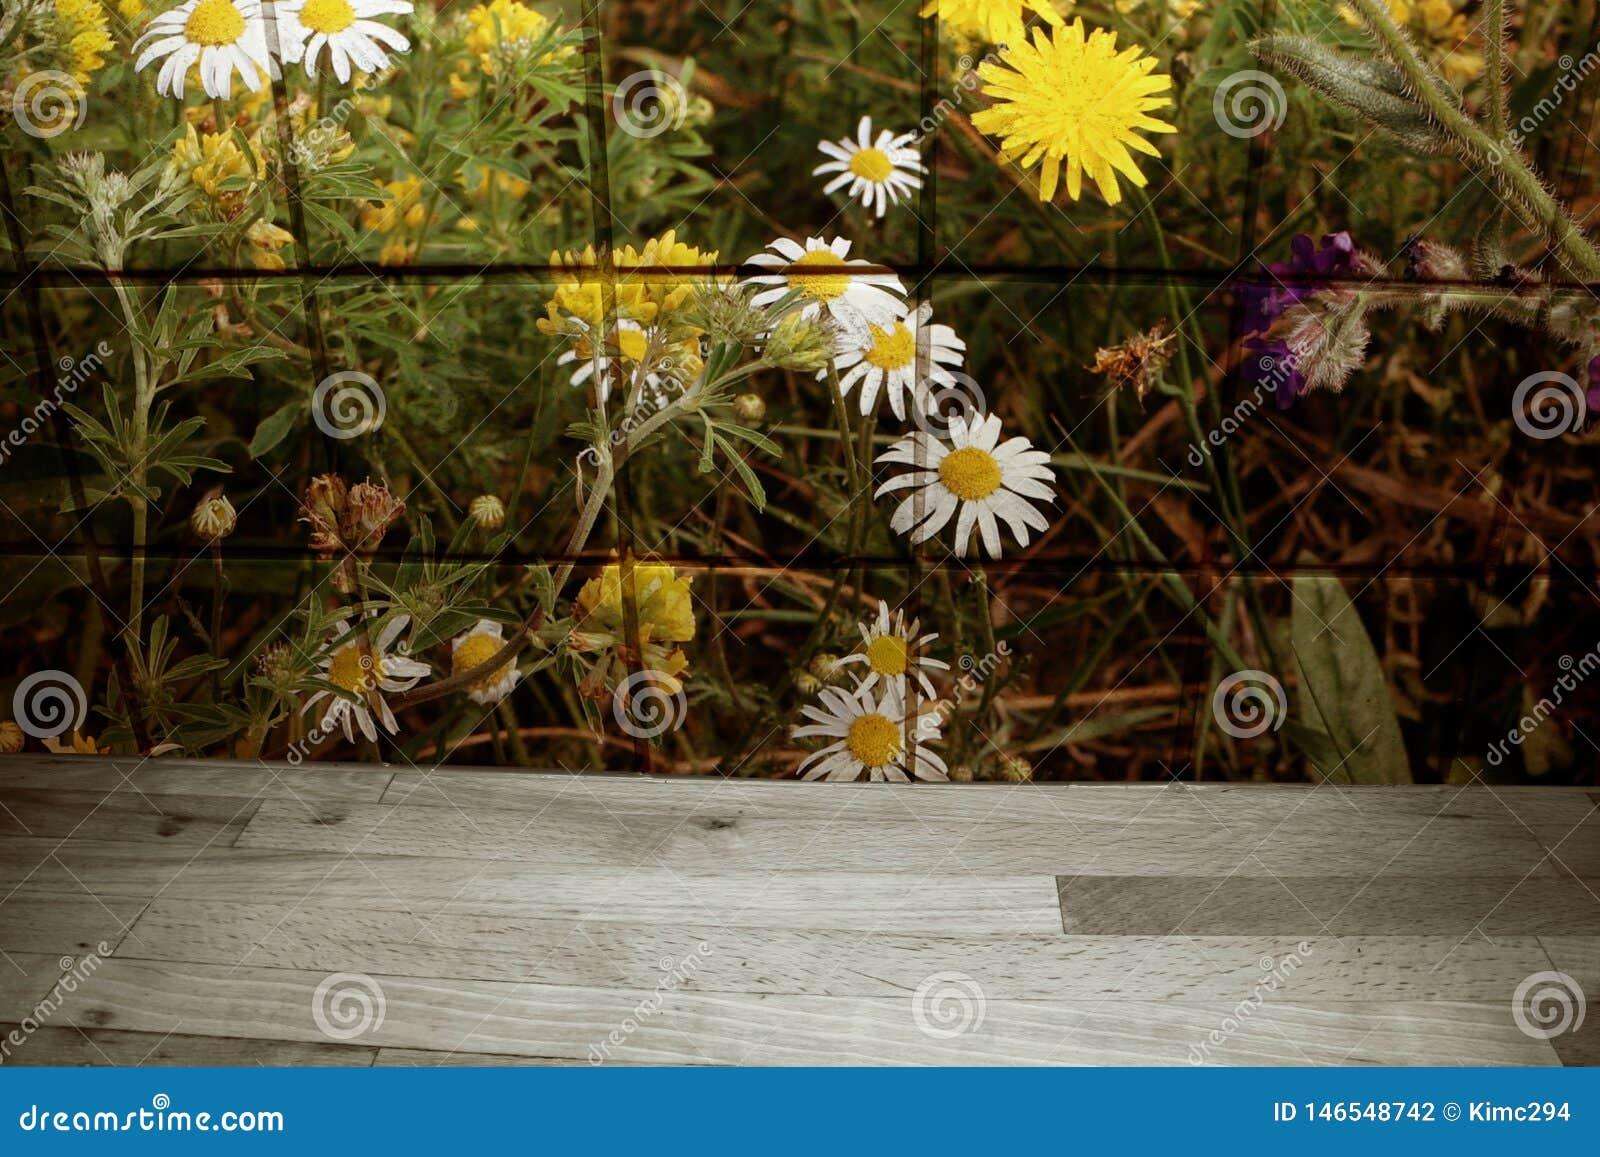 La fleur a modelé des tuiles avec des estrades et des pissenlits